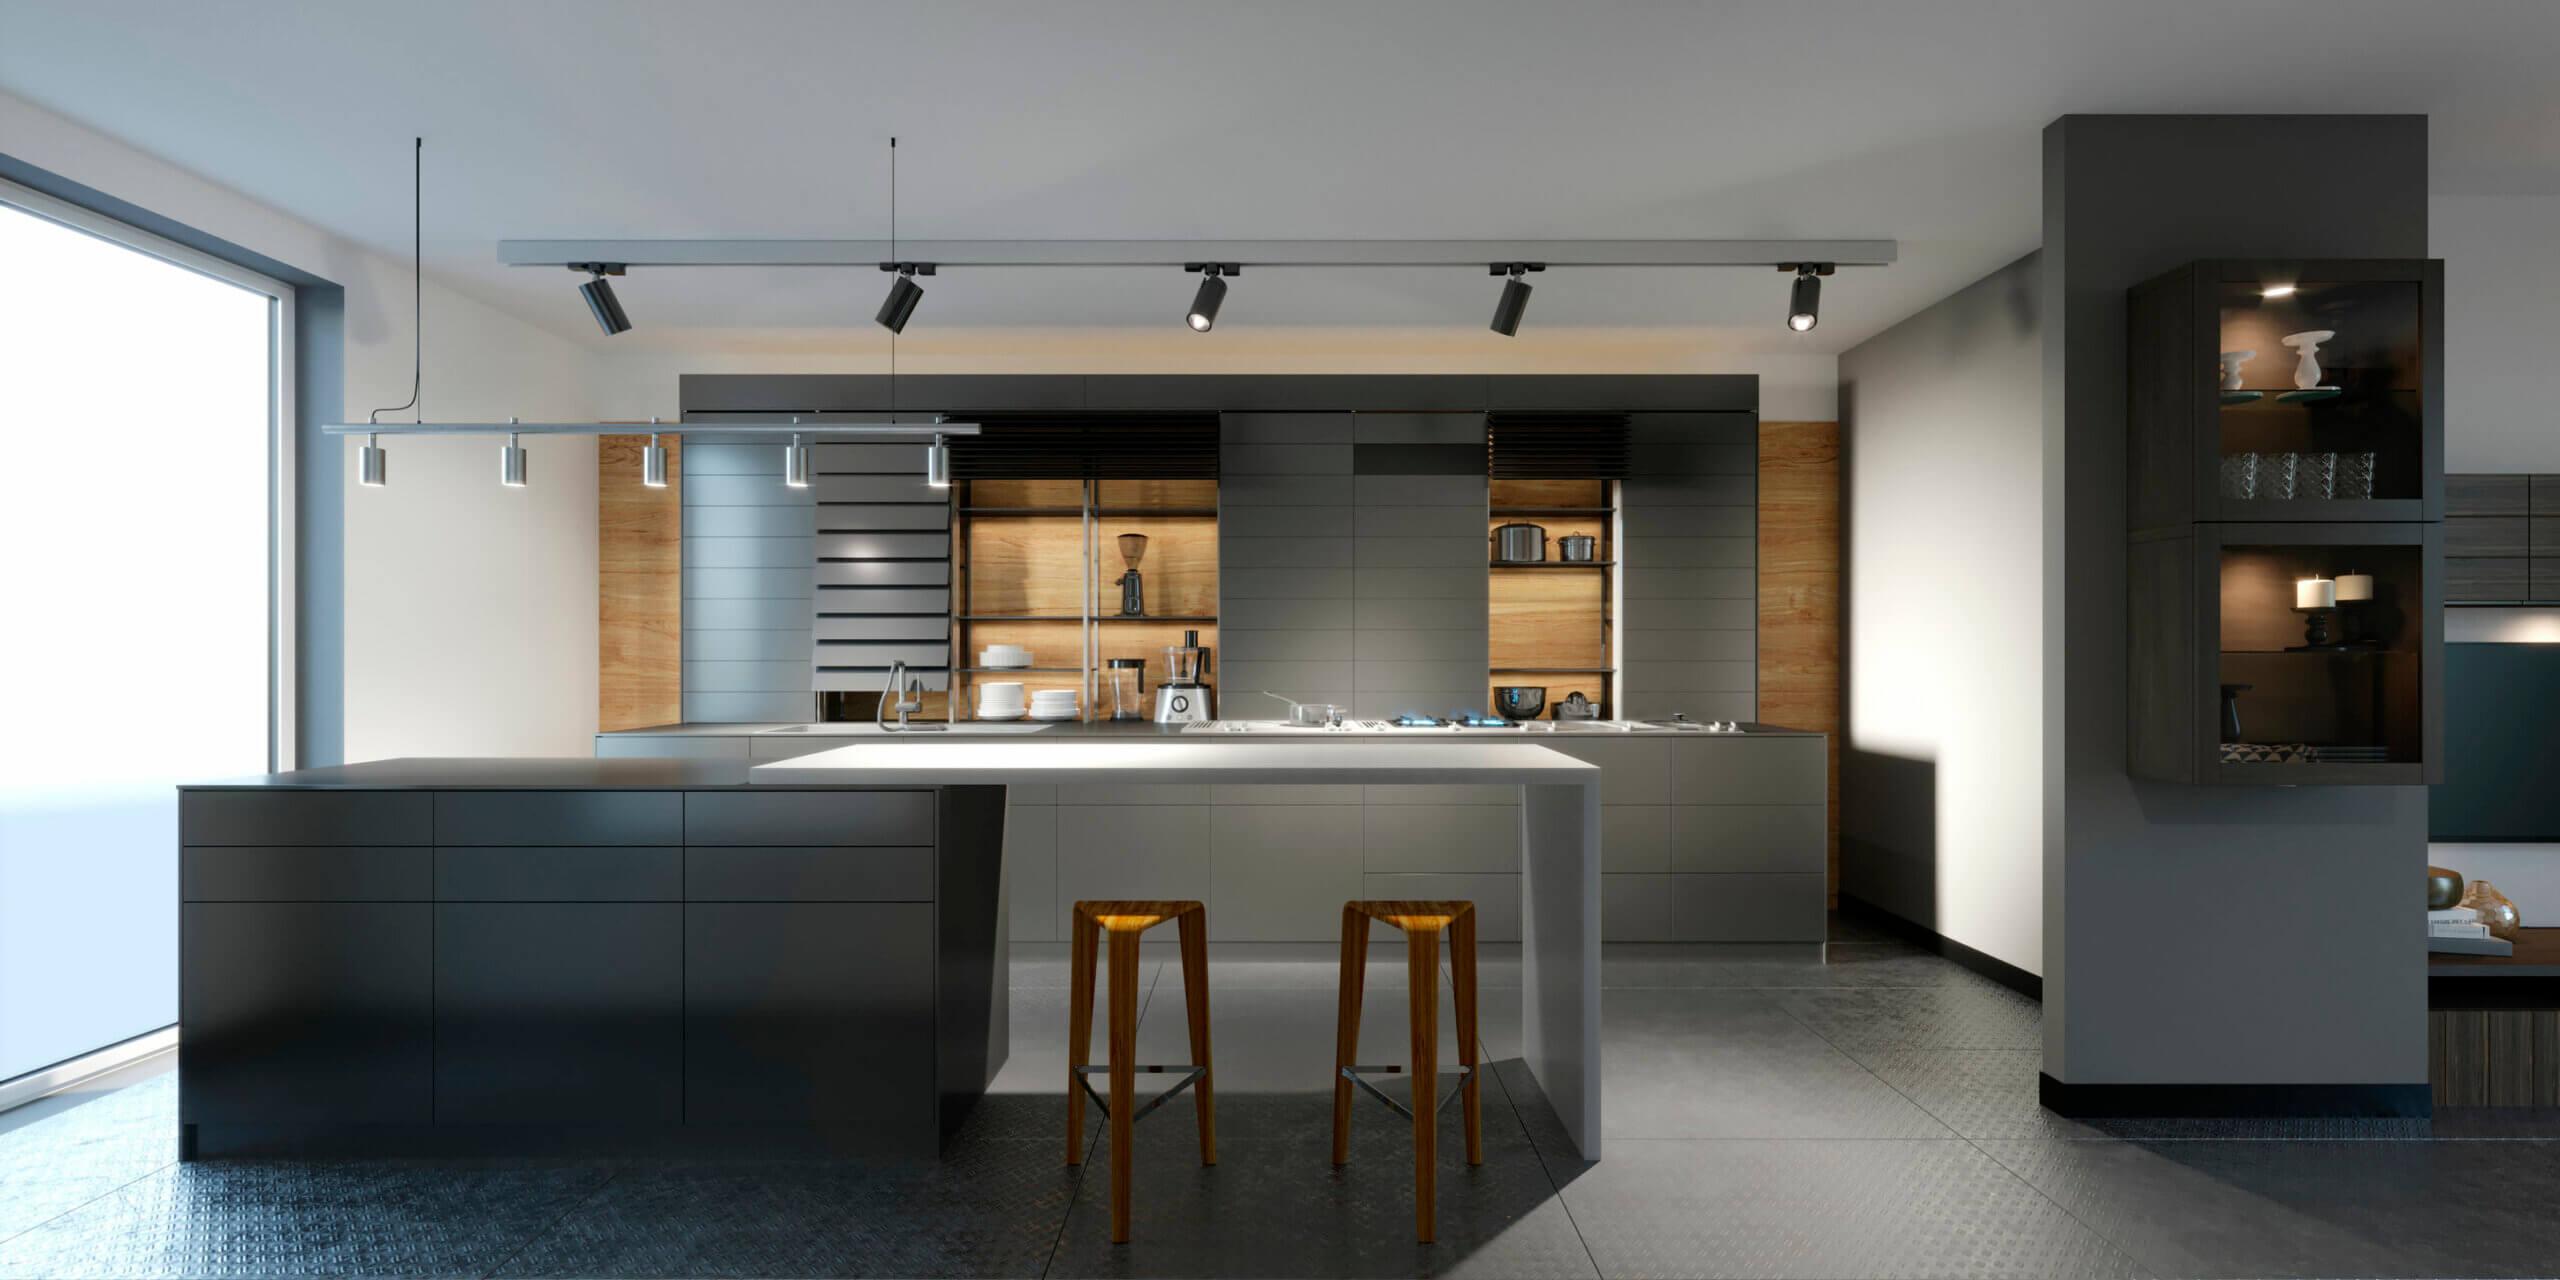 Cocina panelada o vista, ¿tú de qué equipo eres?